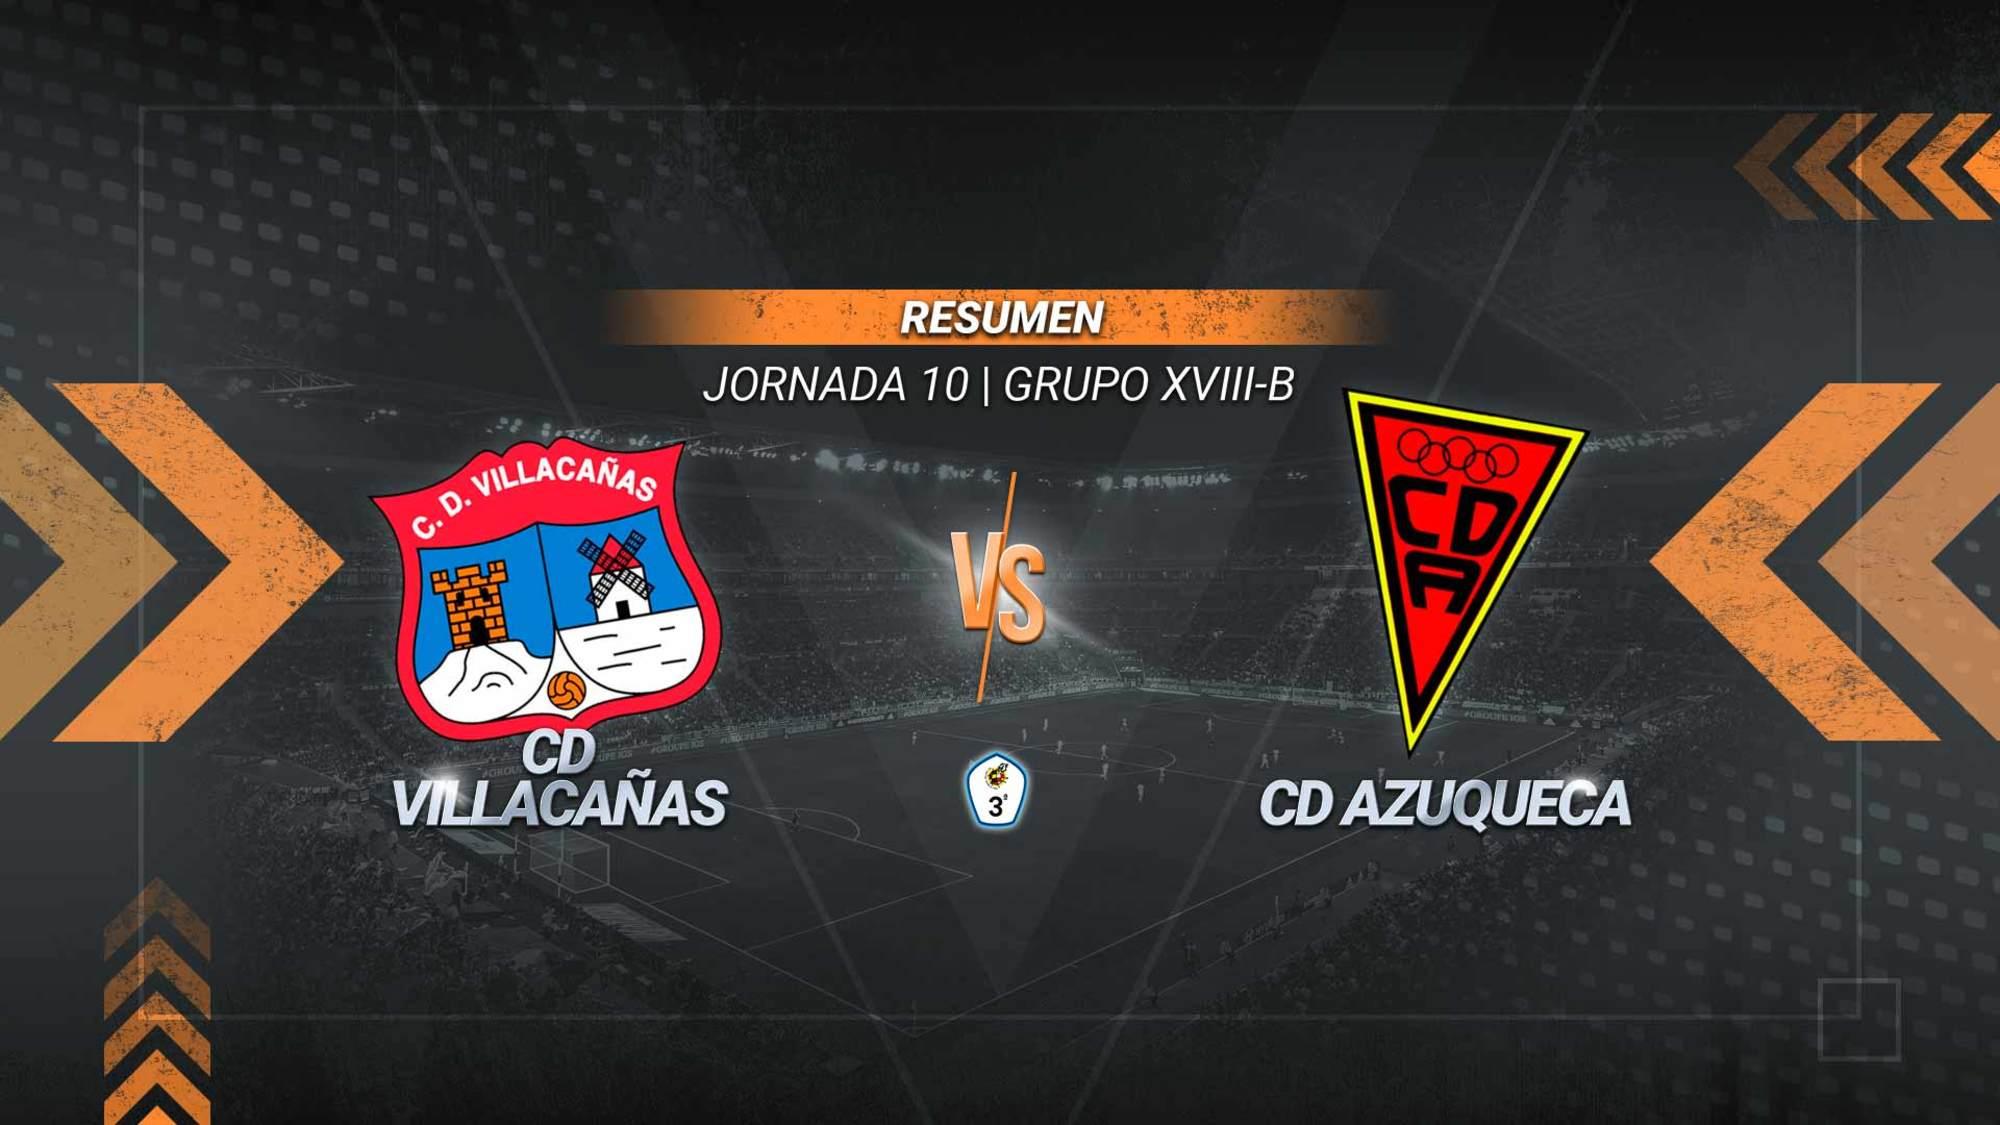 Un gol de Pisón en la recta final sirve al Villacañas para sumar el cuarto triunfo consecutivo. El conjunto villacañero alcanza los 14 puntos y es quinto provisional. El Azuqueca se queda en la zona baja con siete.